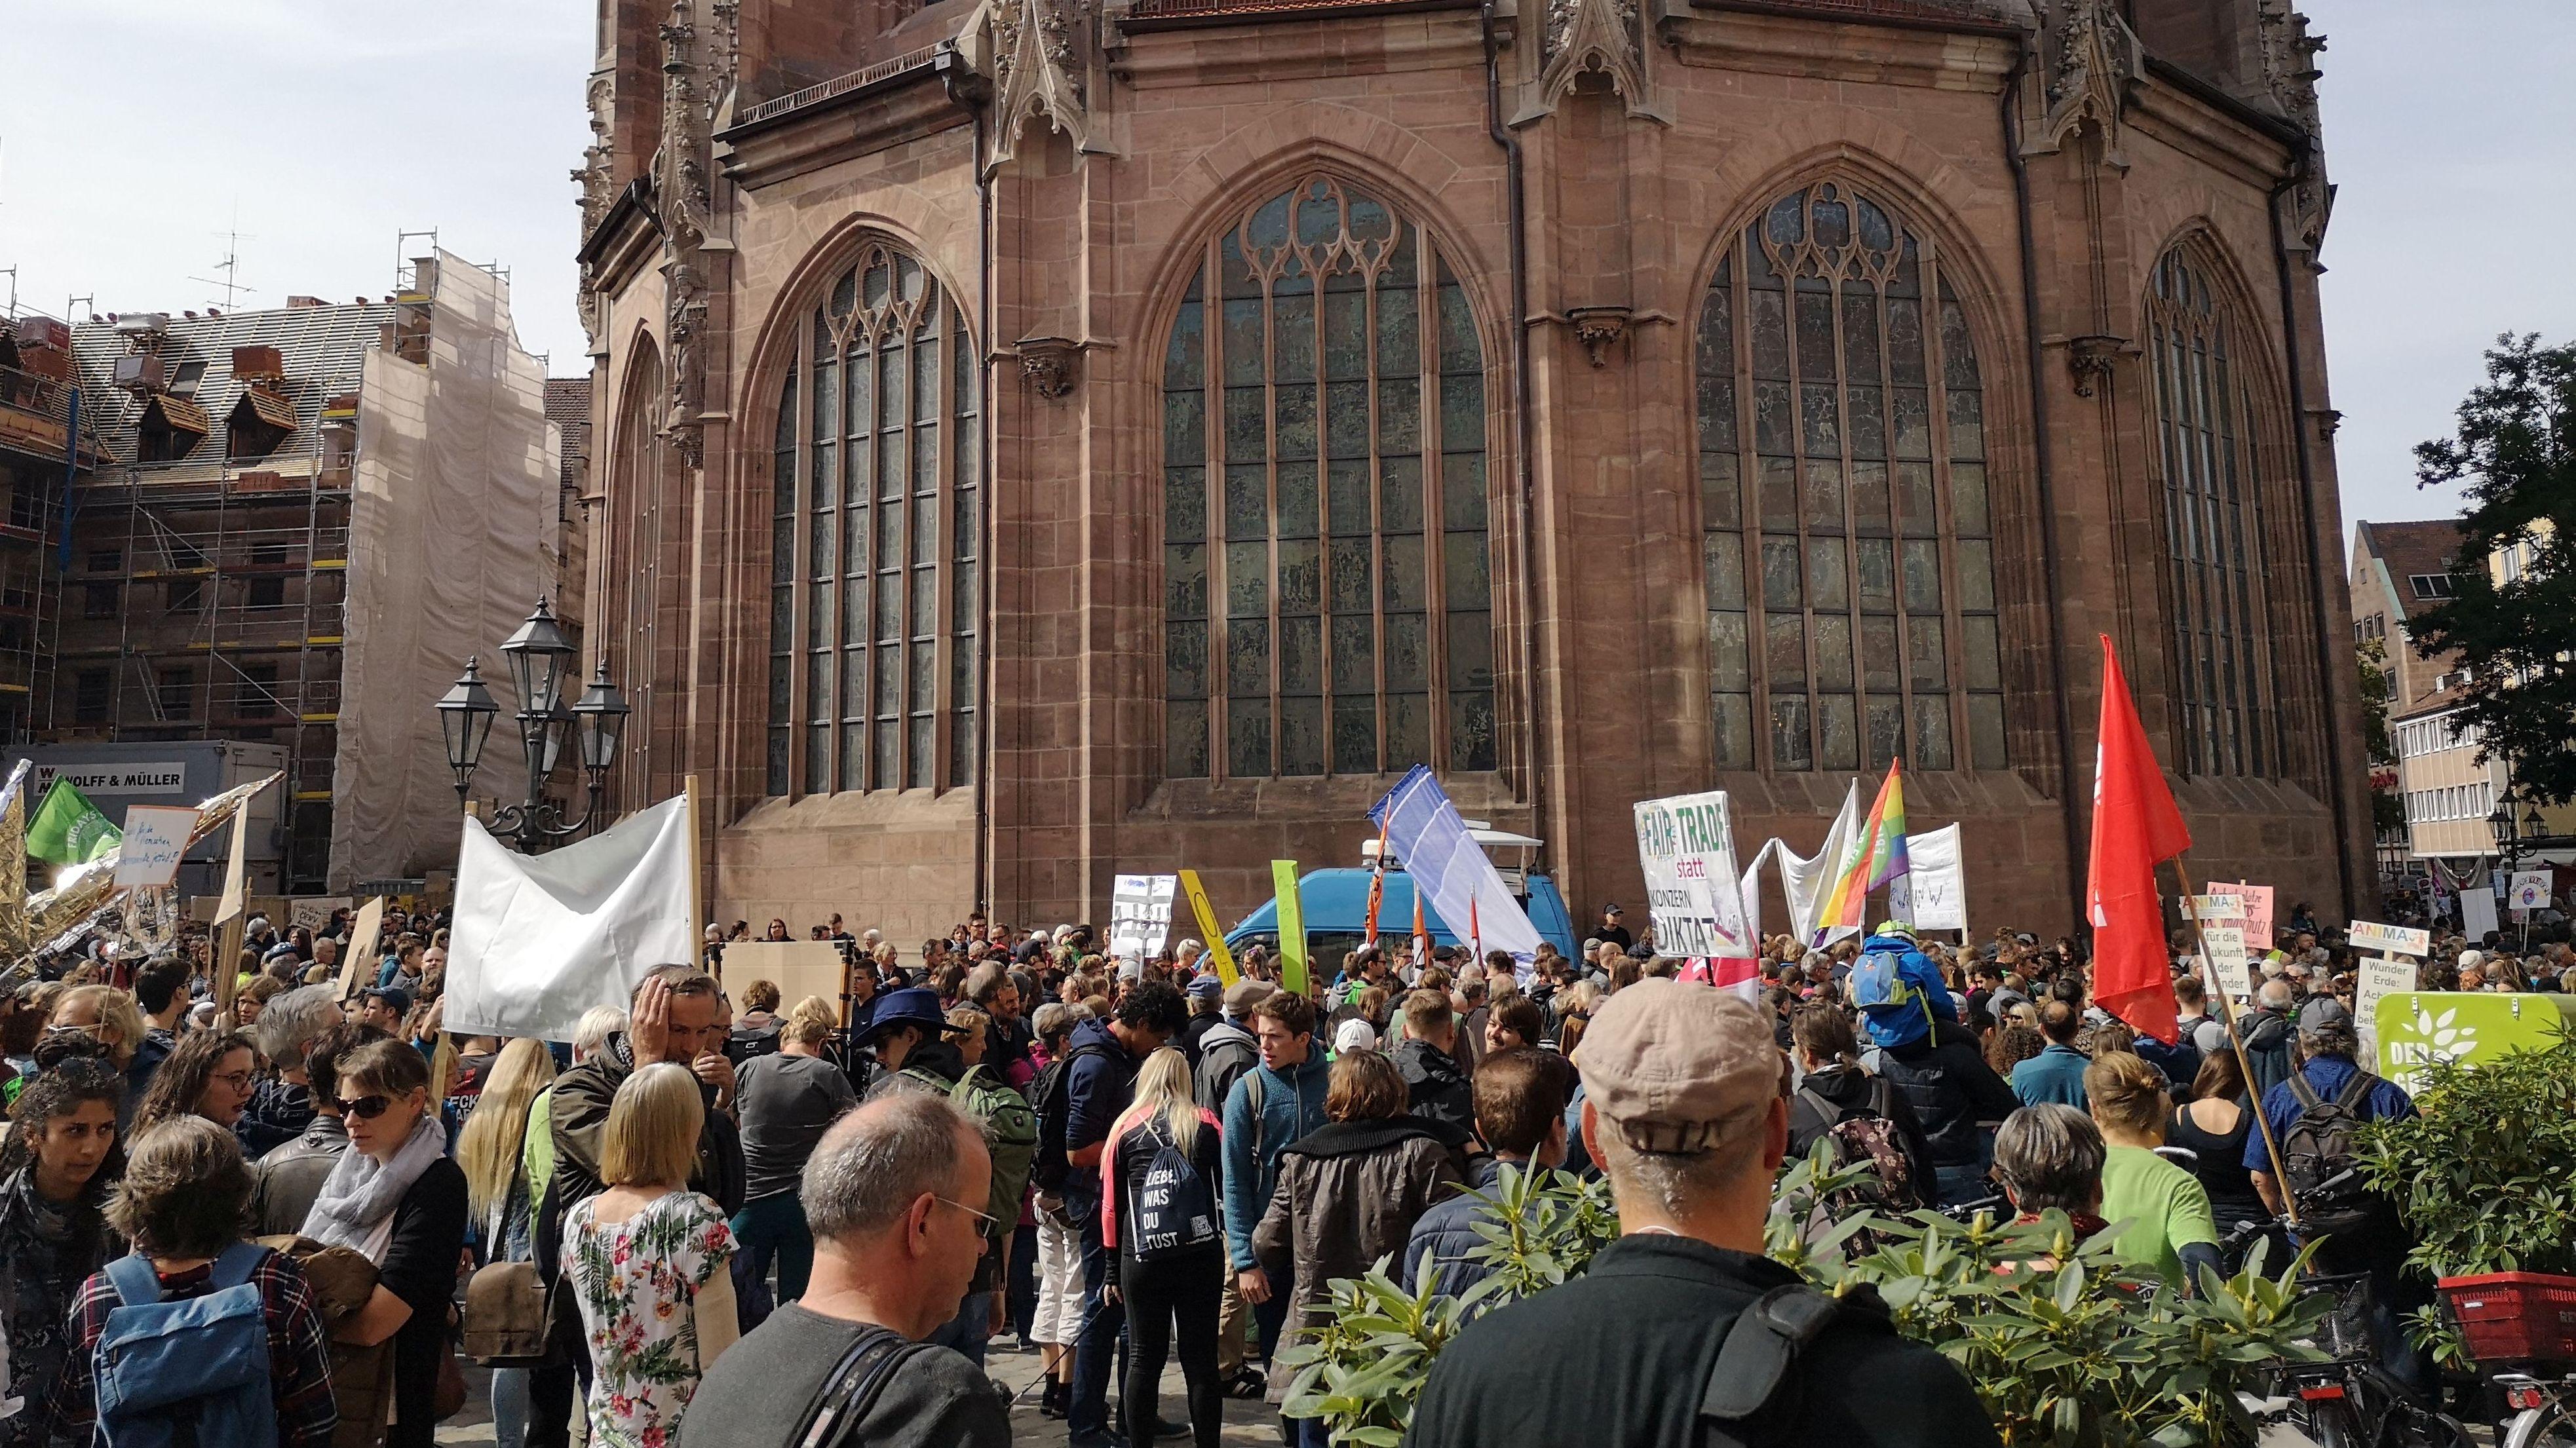 Klimademo an der Lorenzkirche in Nürnberg